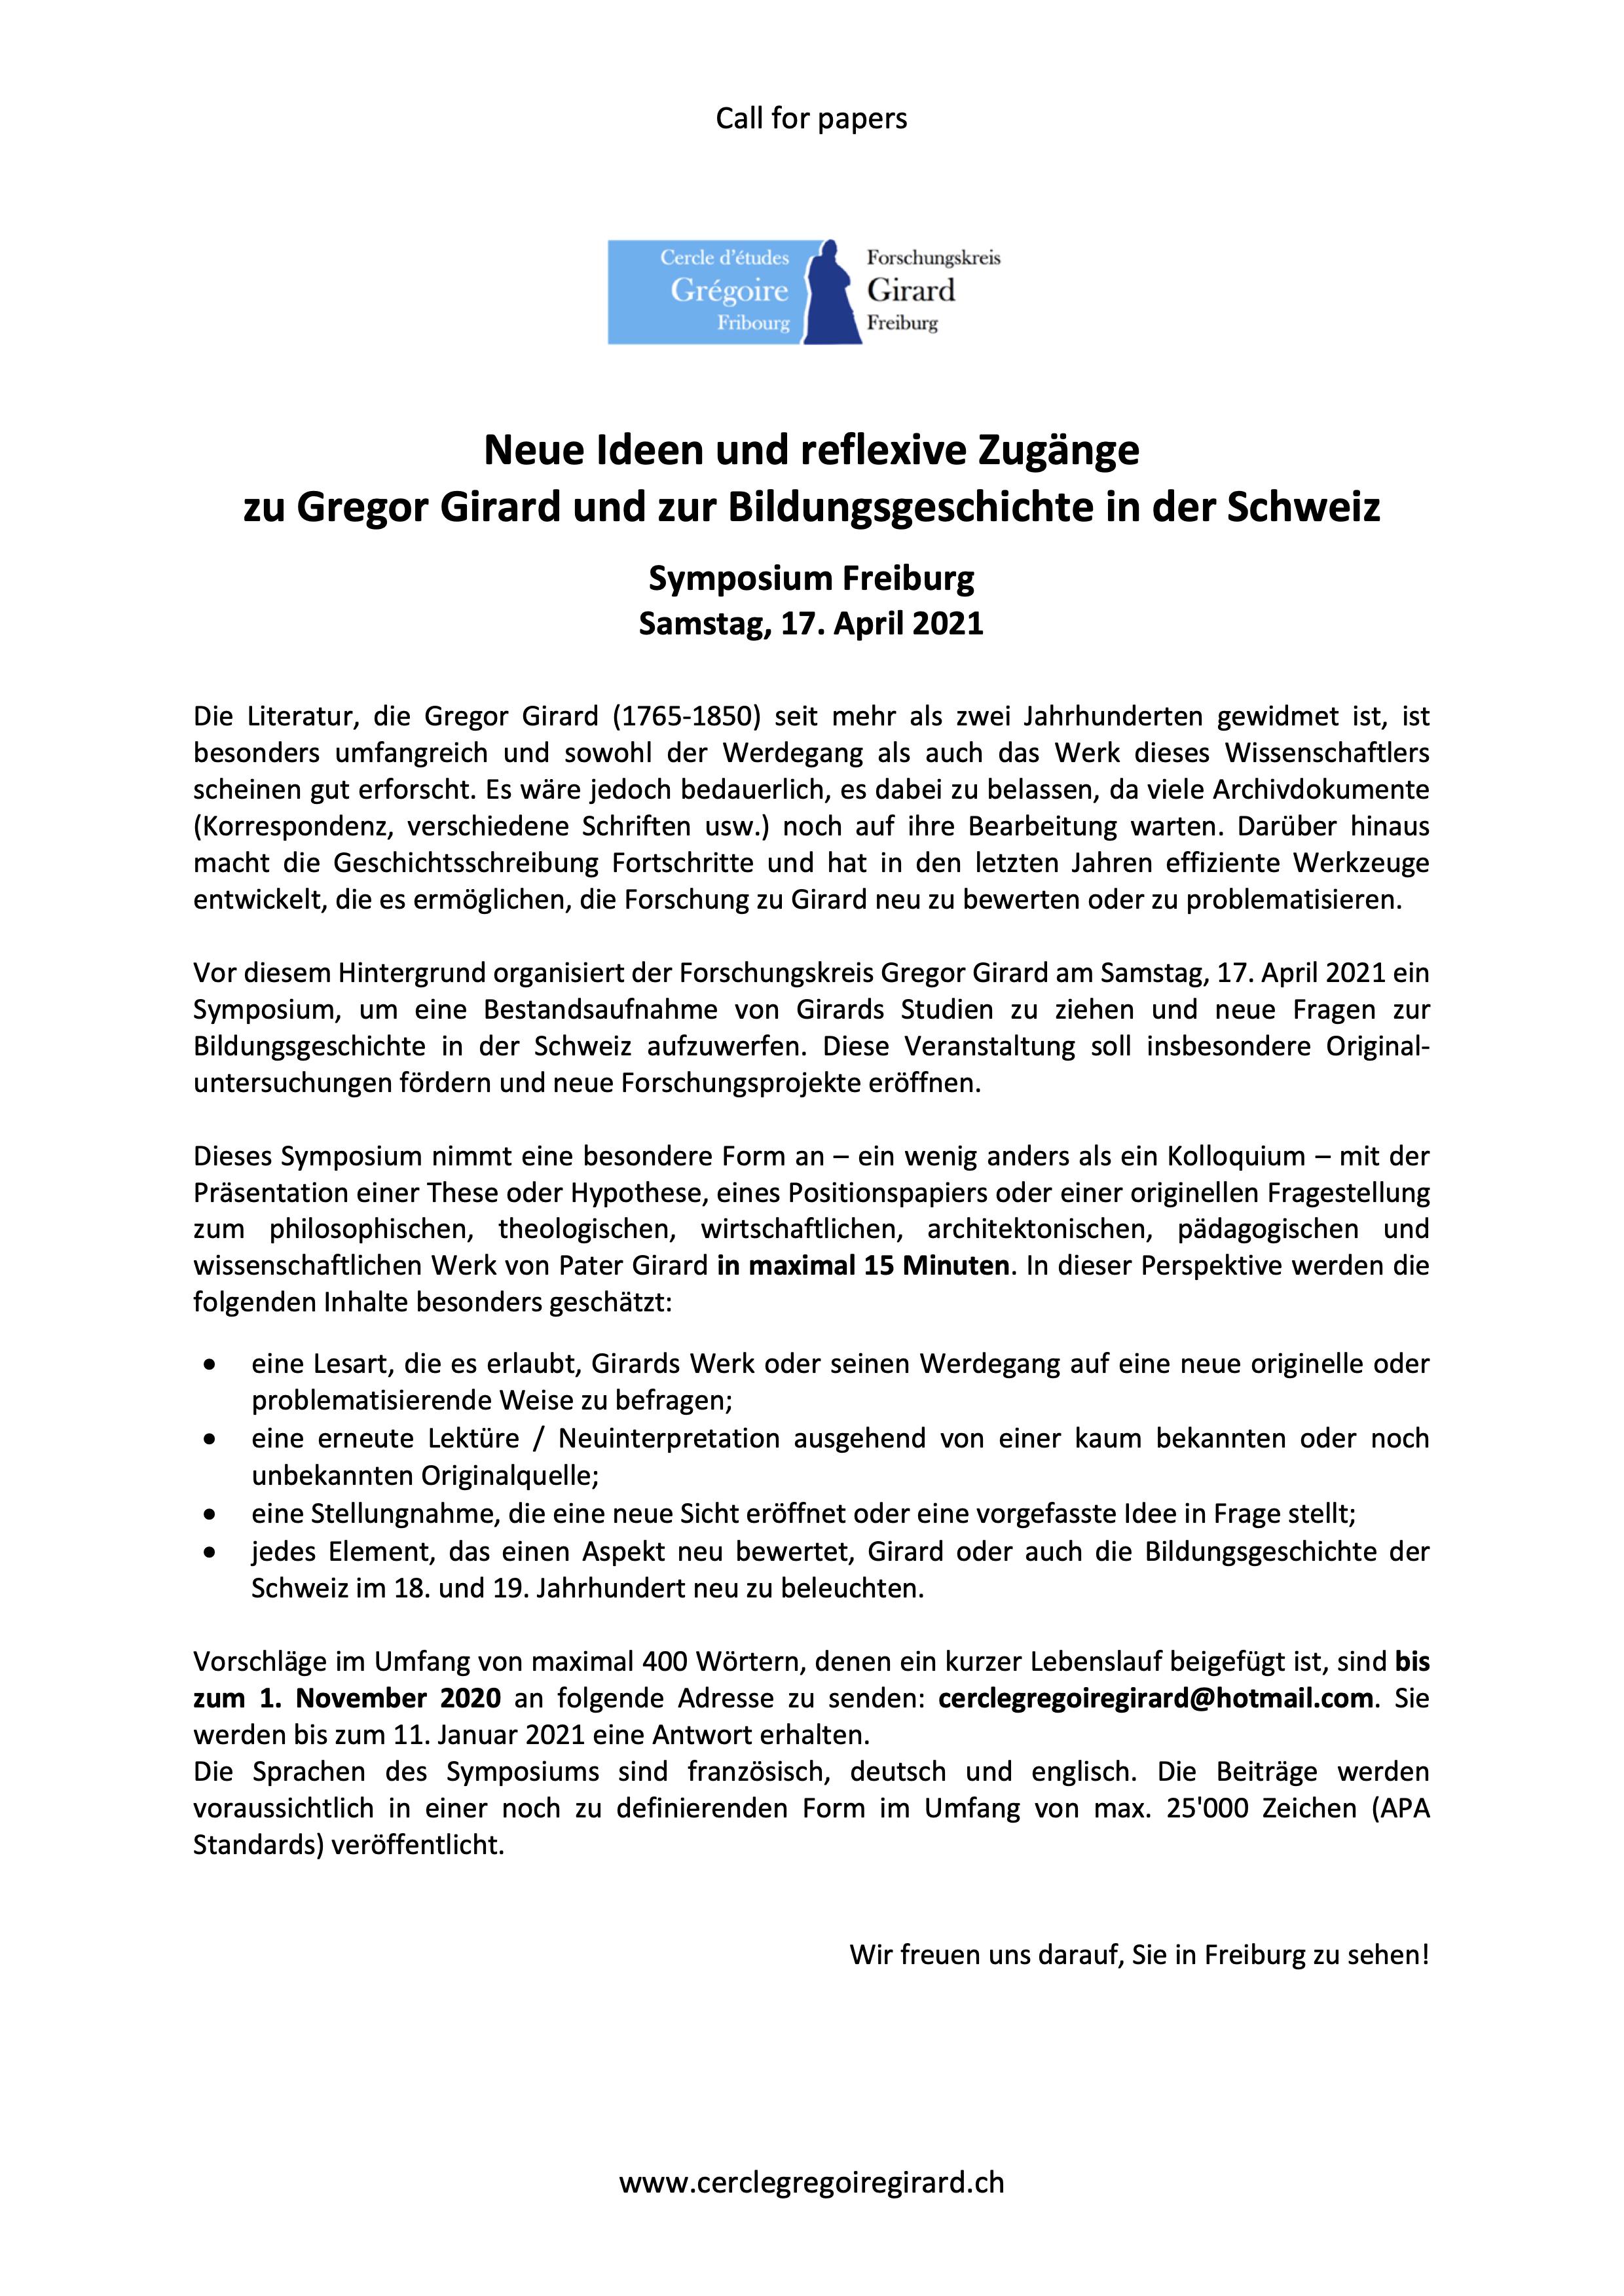 Call Symposium Girard 2021_de